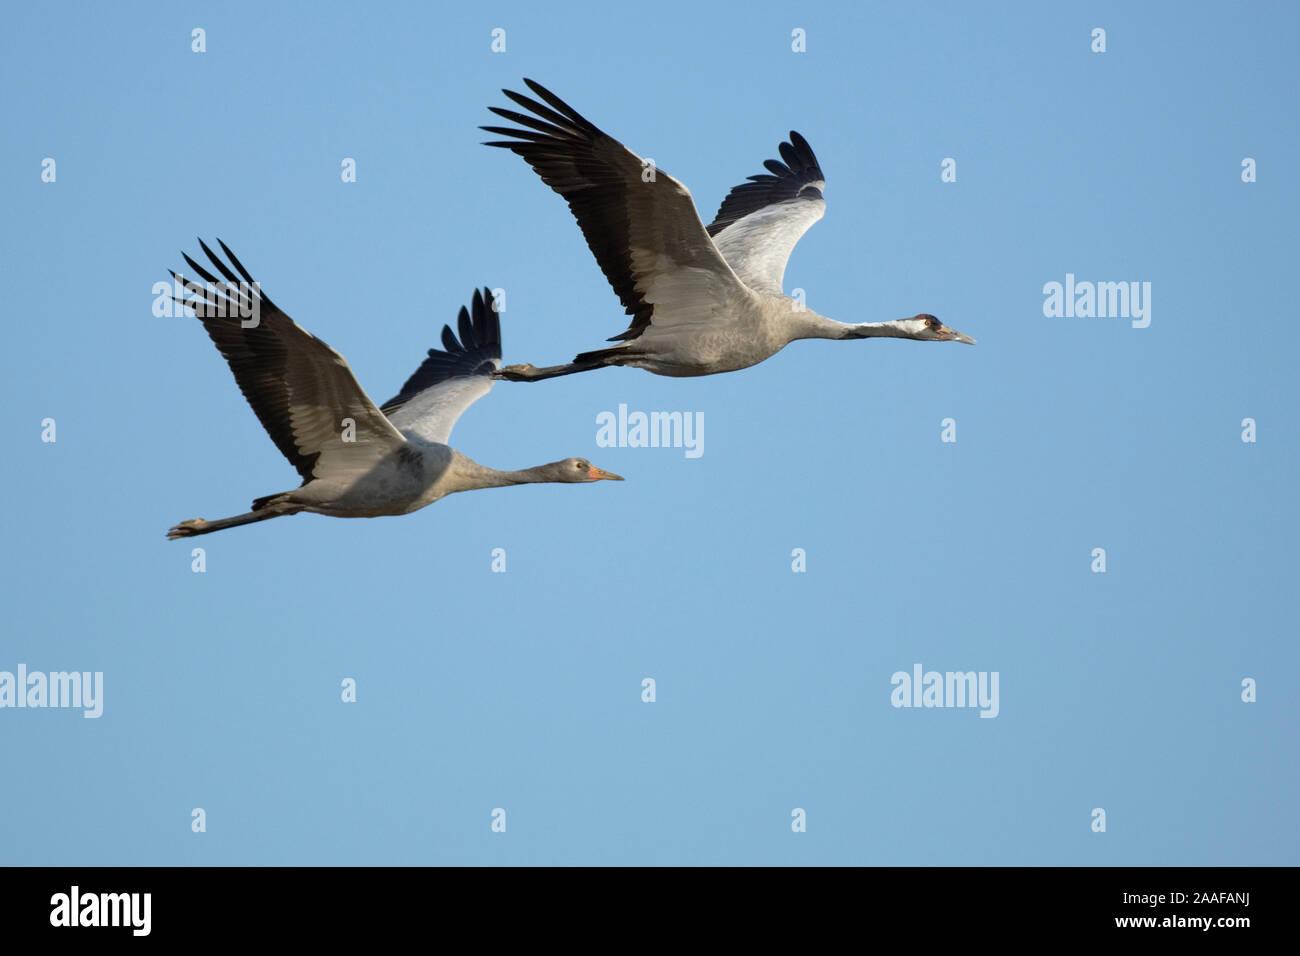 Fliegende Kraniche, Grus grus, Mecklenburg-Vorpommern Stock Photo